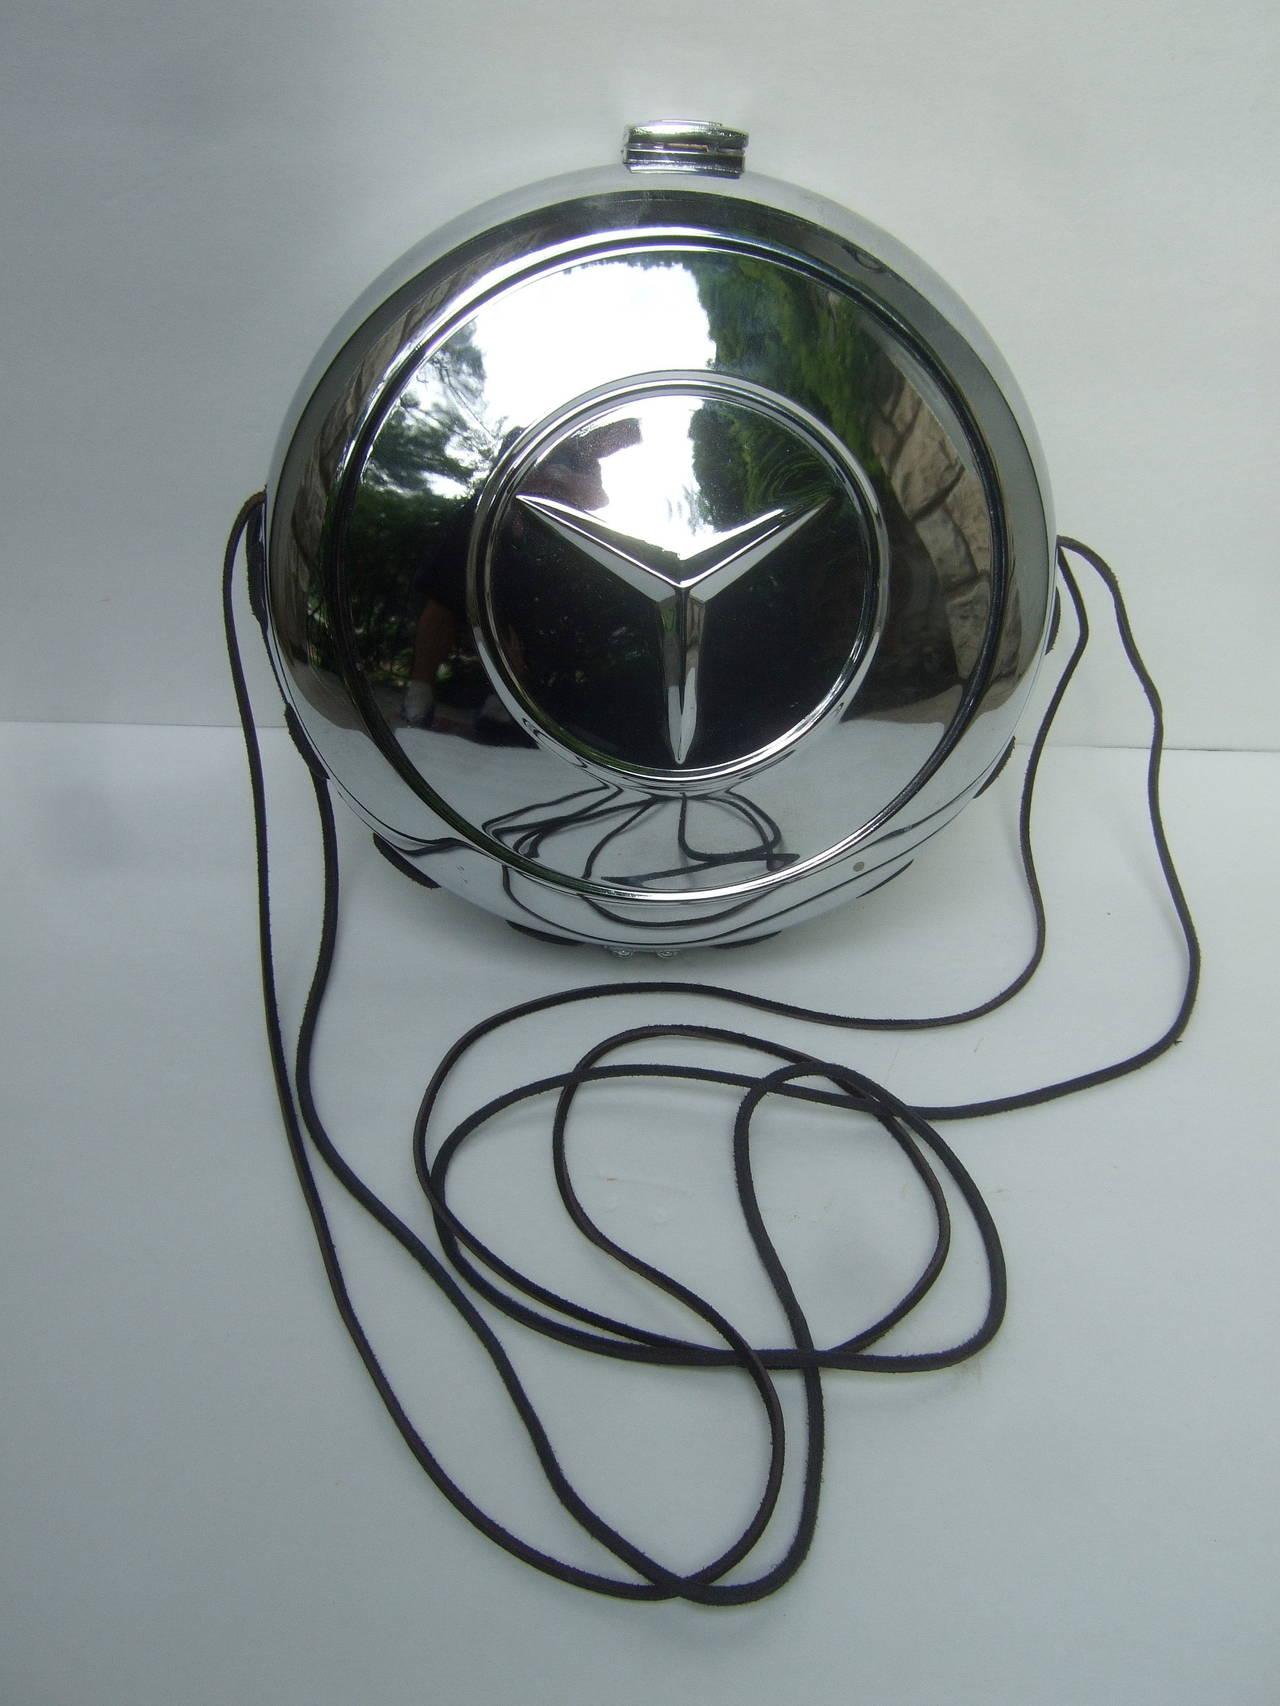 Avant garde industrial mercedes benz hub cap handbag c for Mercedes benz hats sale